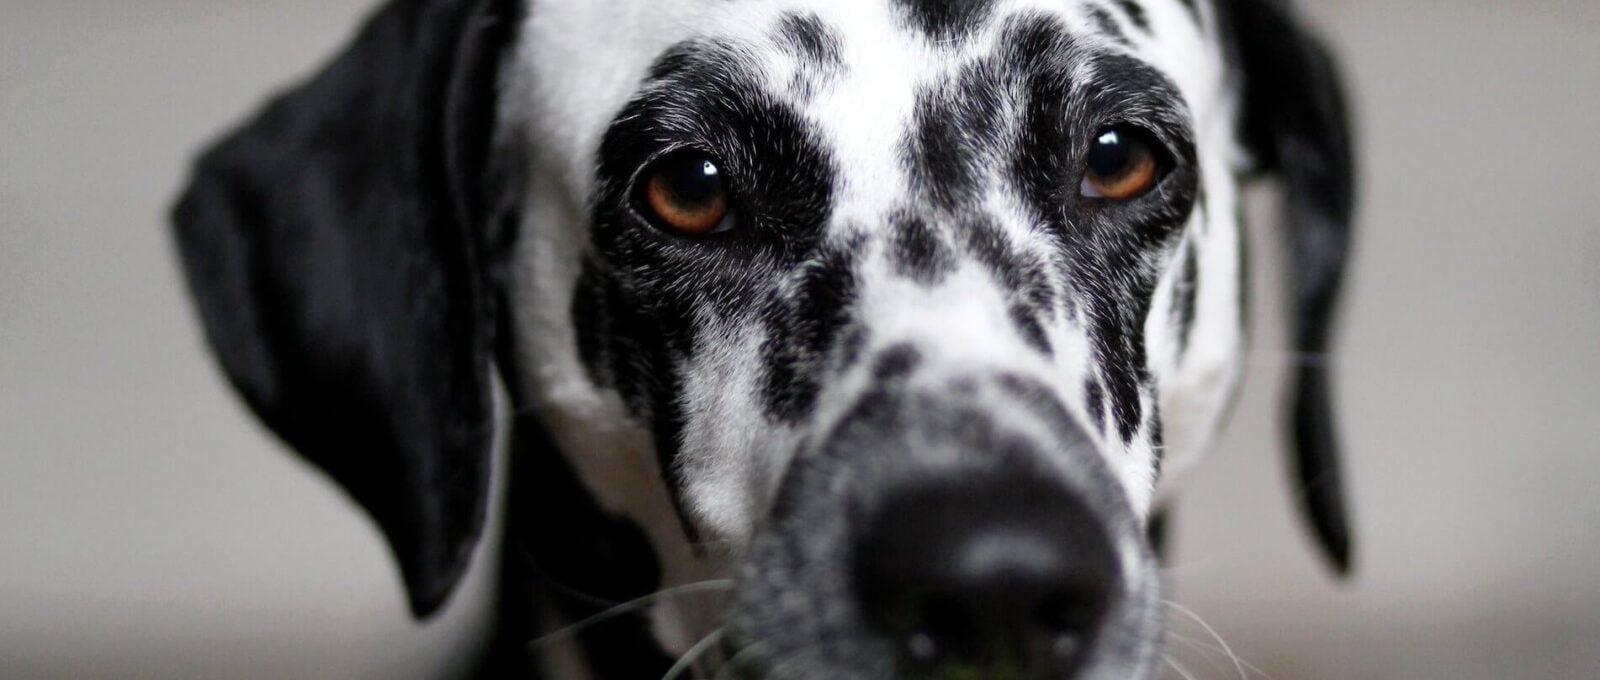 6 causes de décès accidentels chez le chien et comment les prévenir